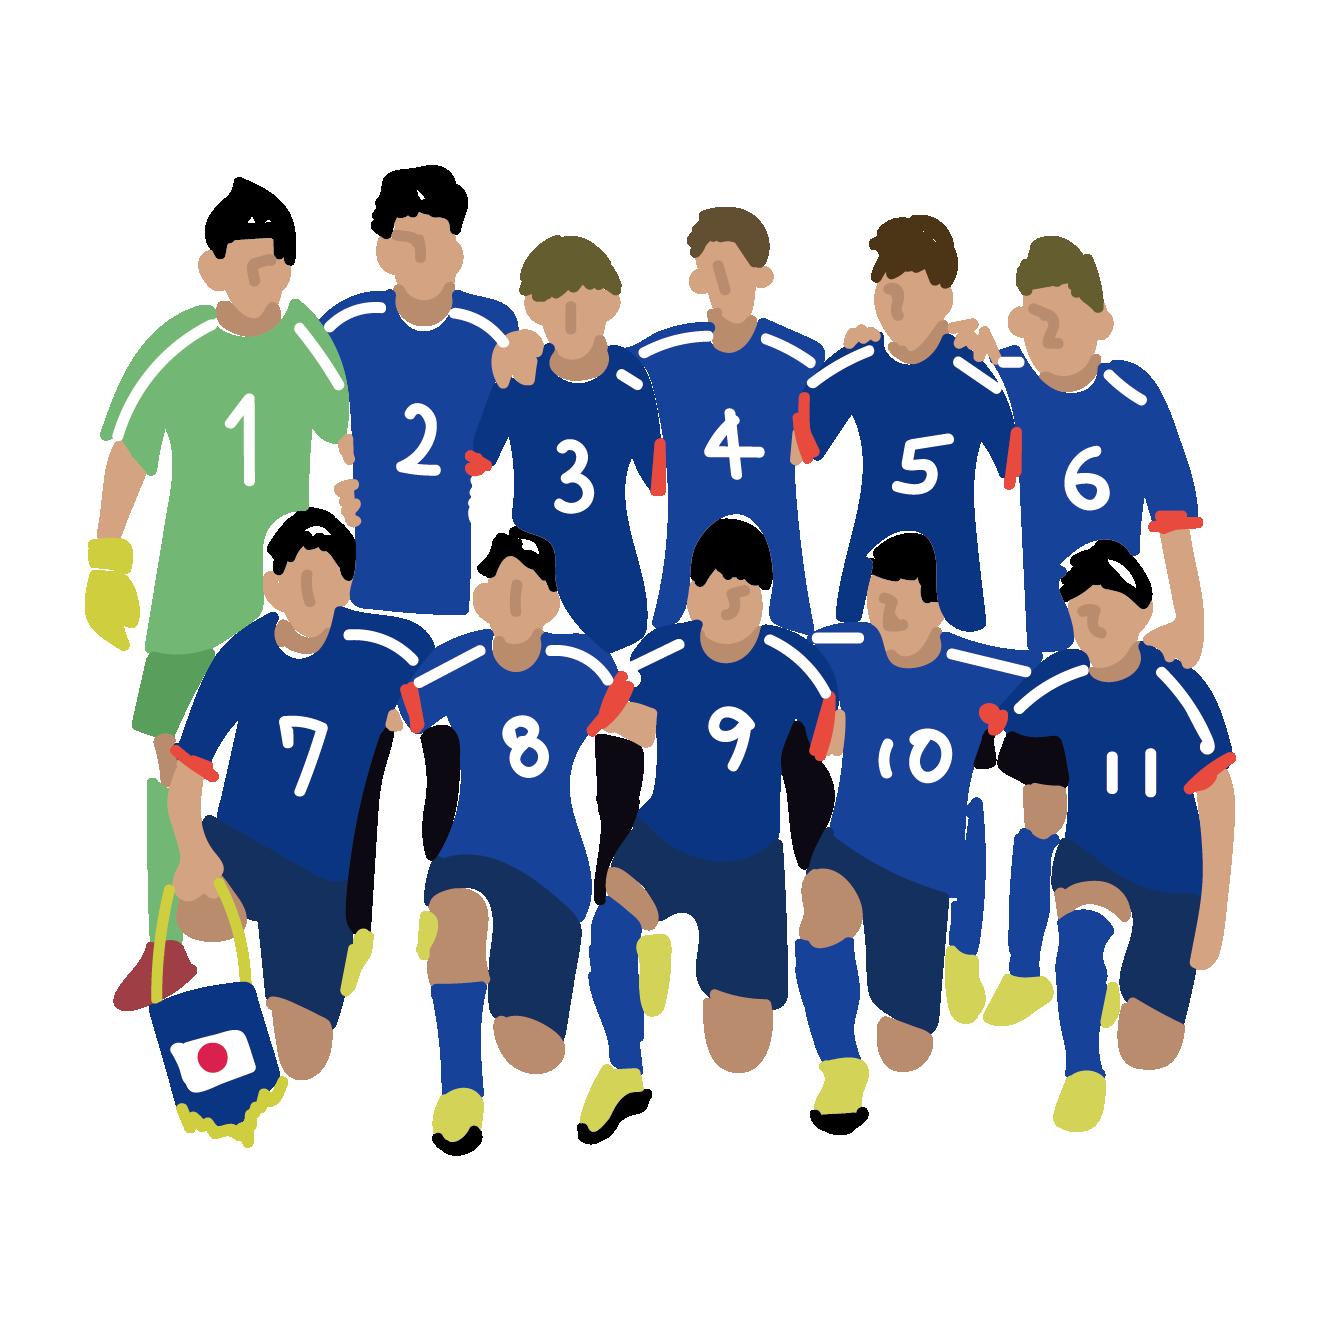 サッカー日本代表の 無料 イラストスポーツ話題 商用フリー無料